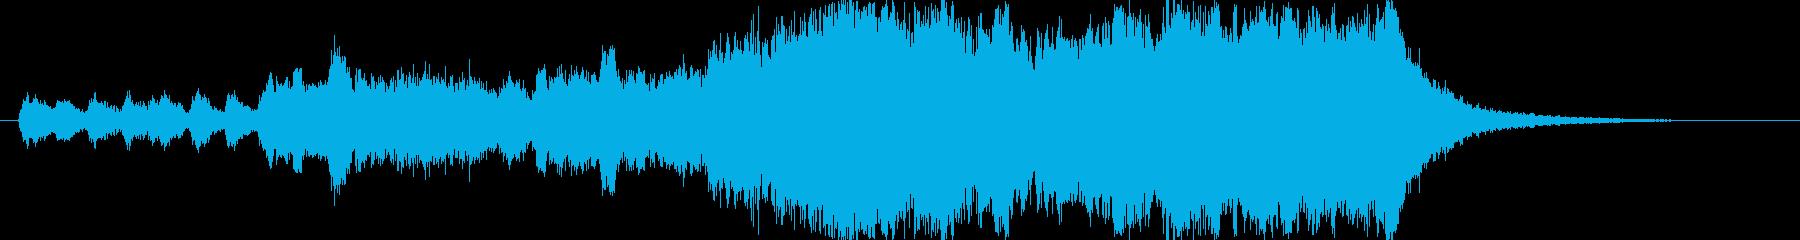 邦画 壮大なオープニングタイトルの再生済みの波形